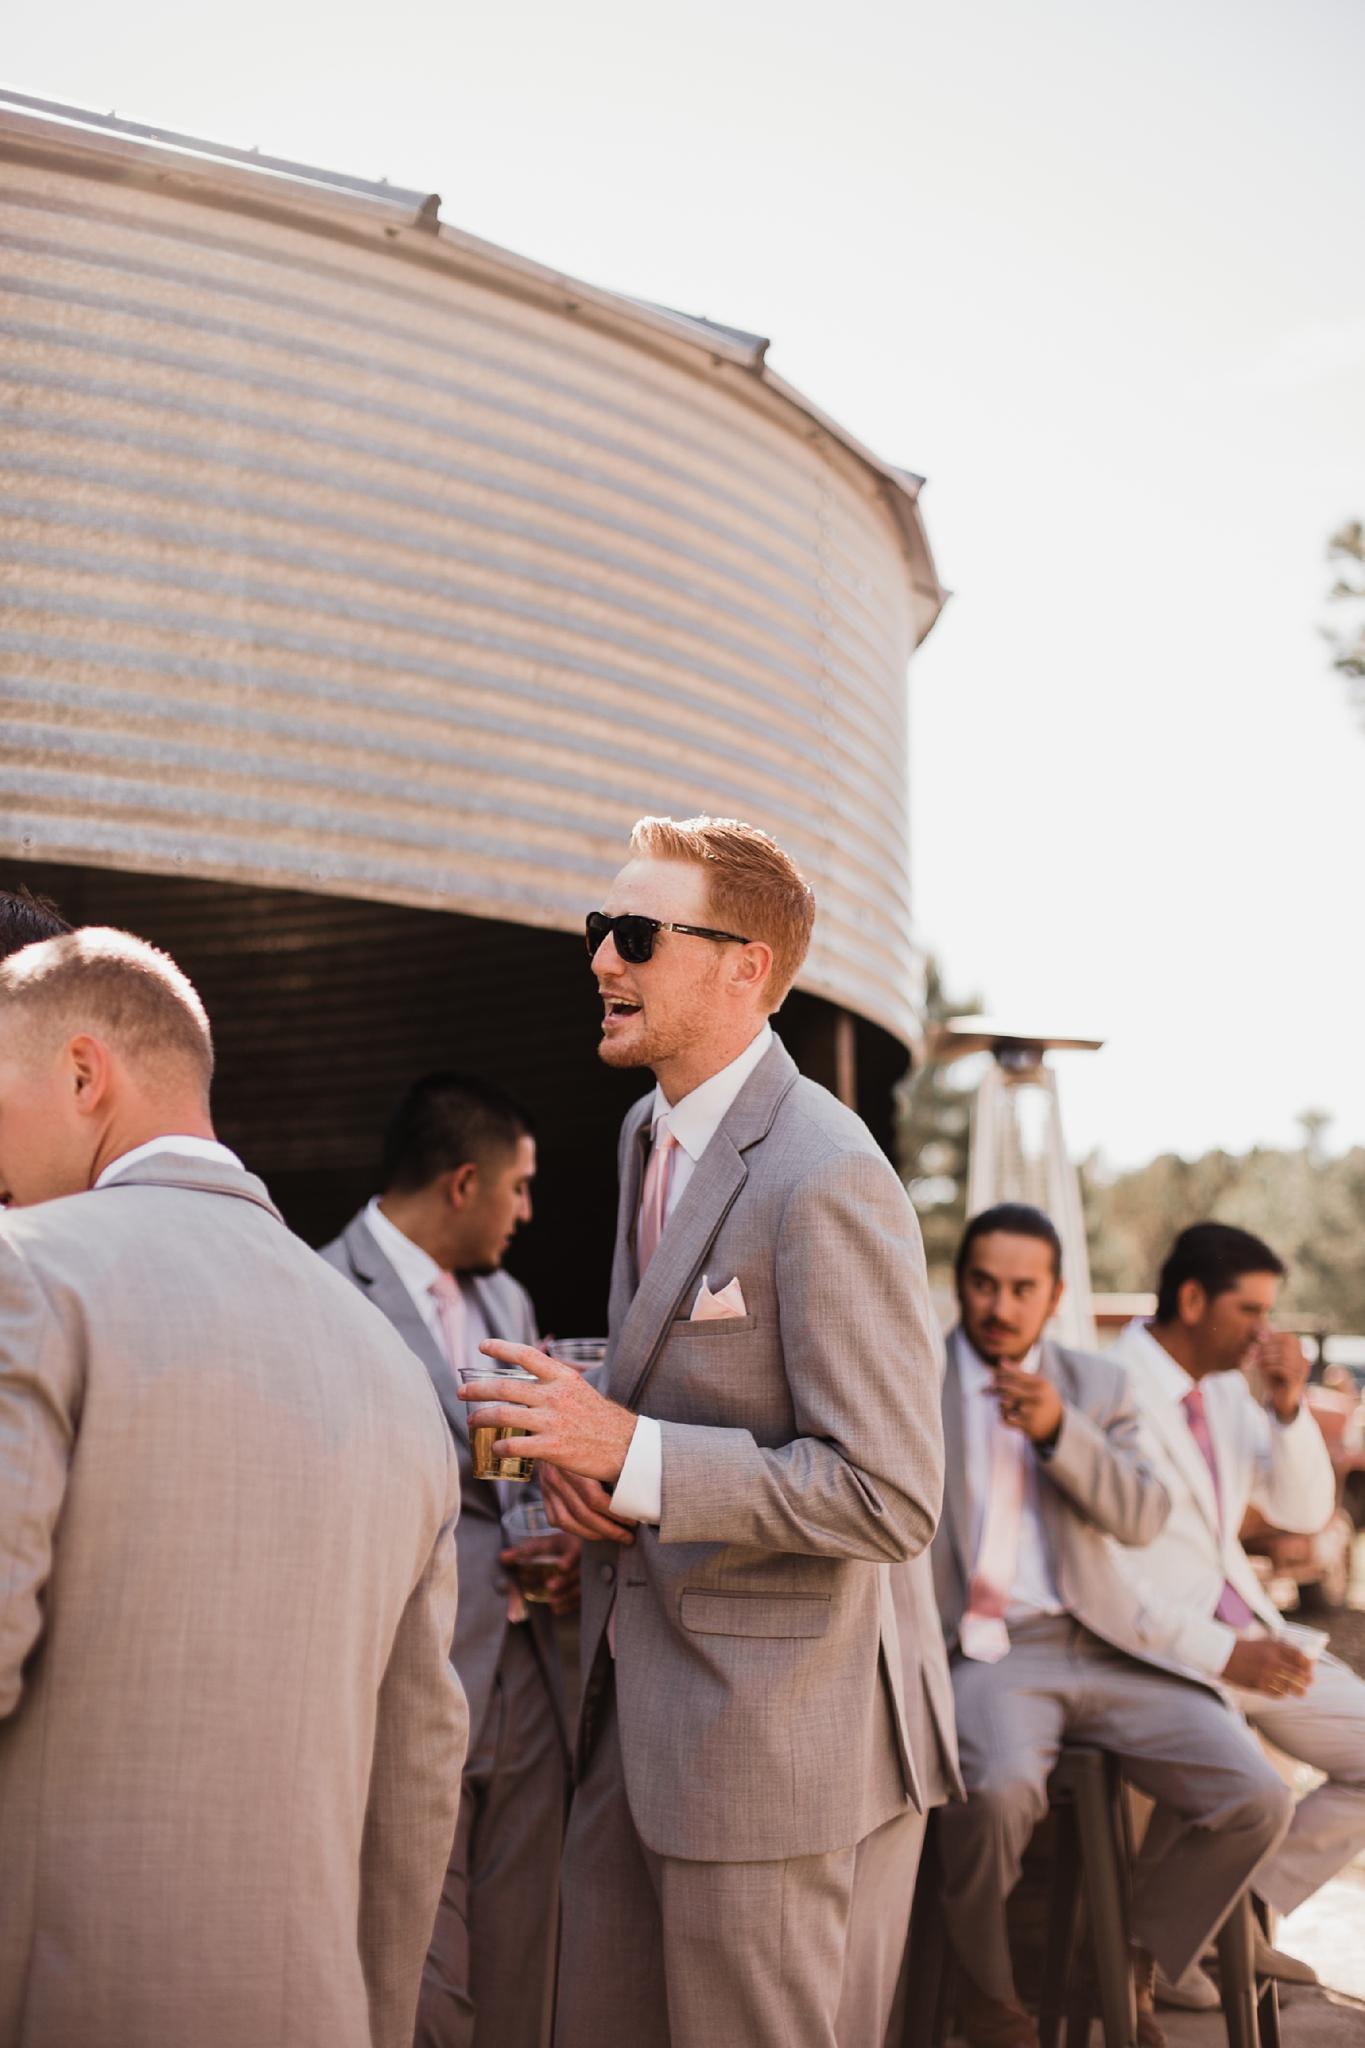 Alicia+lucia+photography+-+albuquerque+wedding+photographer+-+santa+fe+wedding+photography+-+new+mexico+wedding+photographer+-+new+mexico+wedding+-+new+mexico+wedding+-+barn+wedding+-+enchanted+vine+barn+wedding+-+ruidoso+wedding_0054.jpg